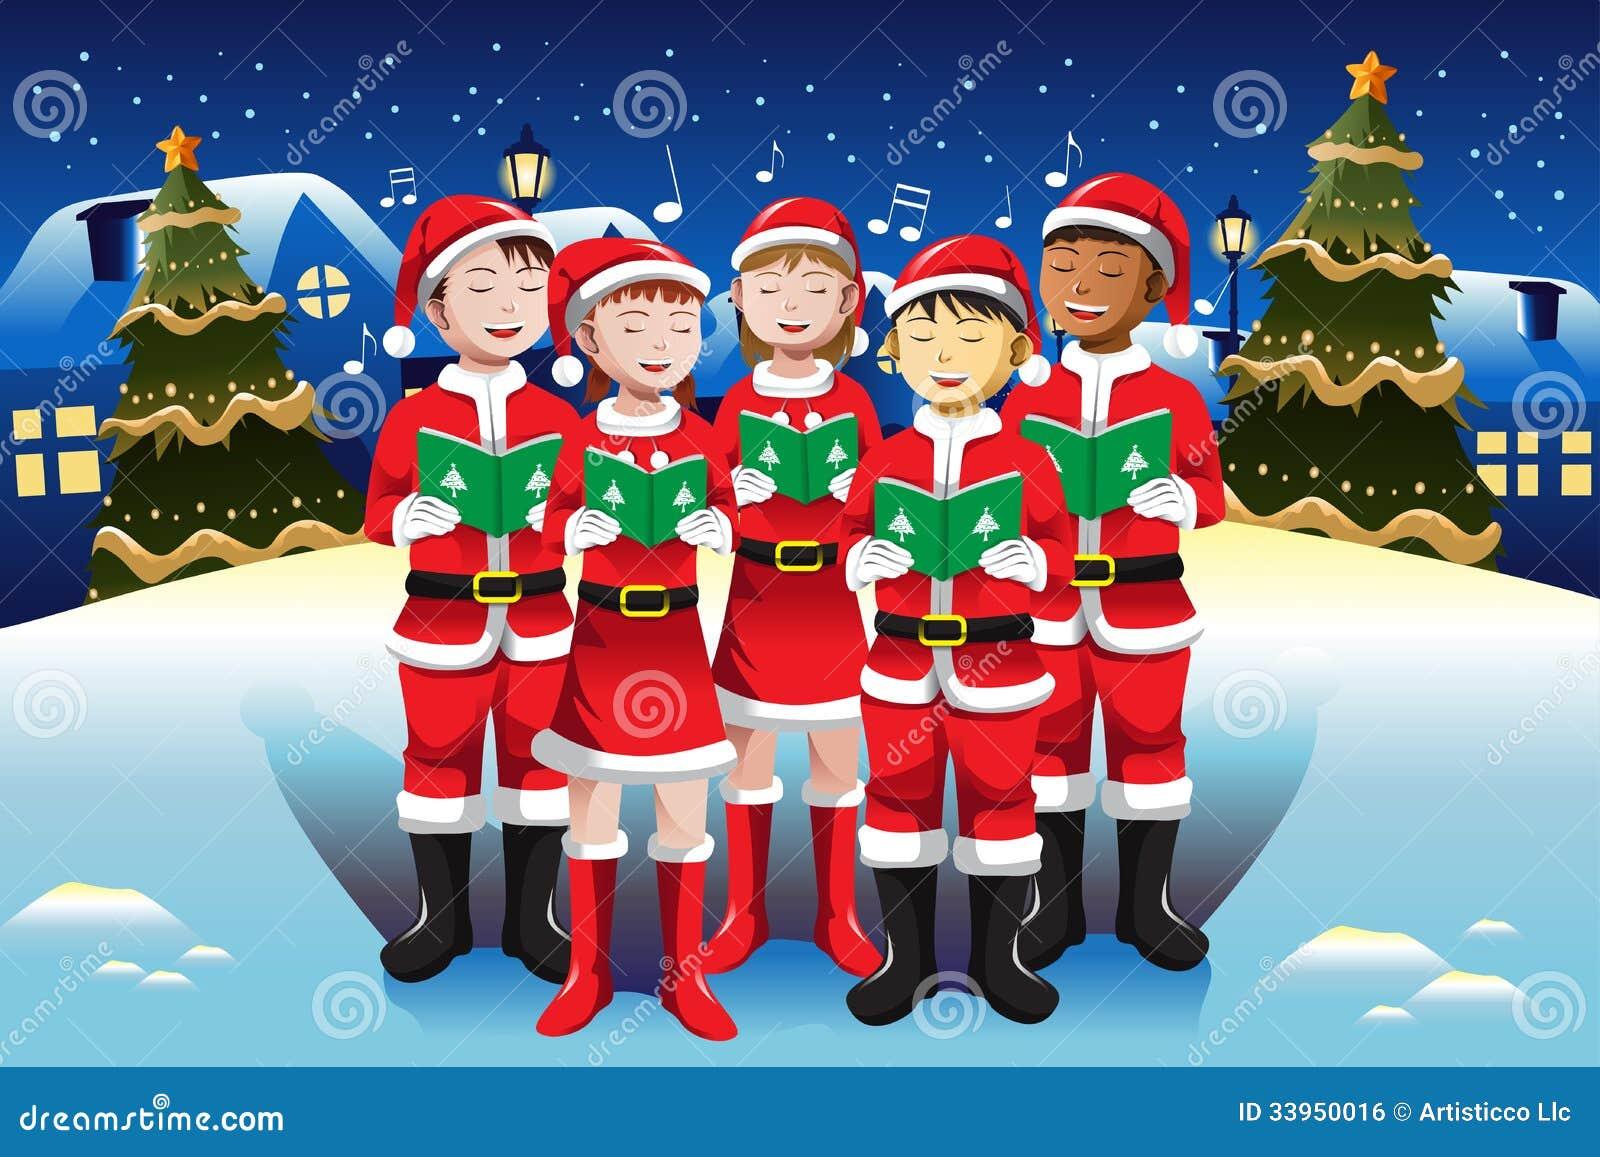 kinder die im weihnachtschor singen lizenzfreies. Black Bedroom Furniture Sets. Home Design Ideas